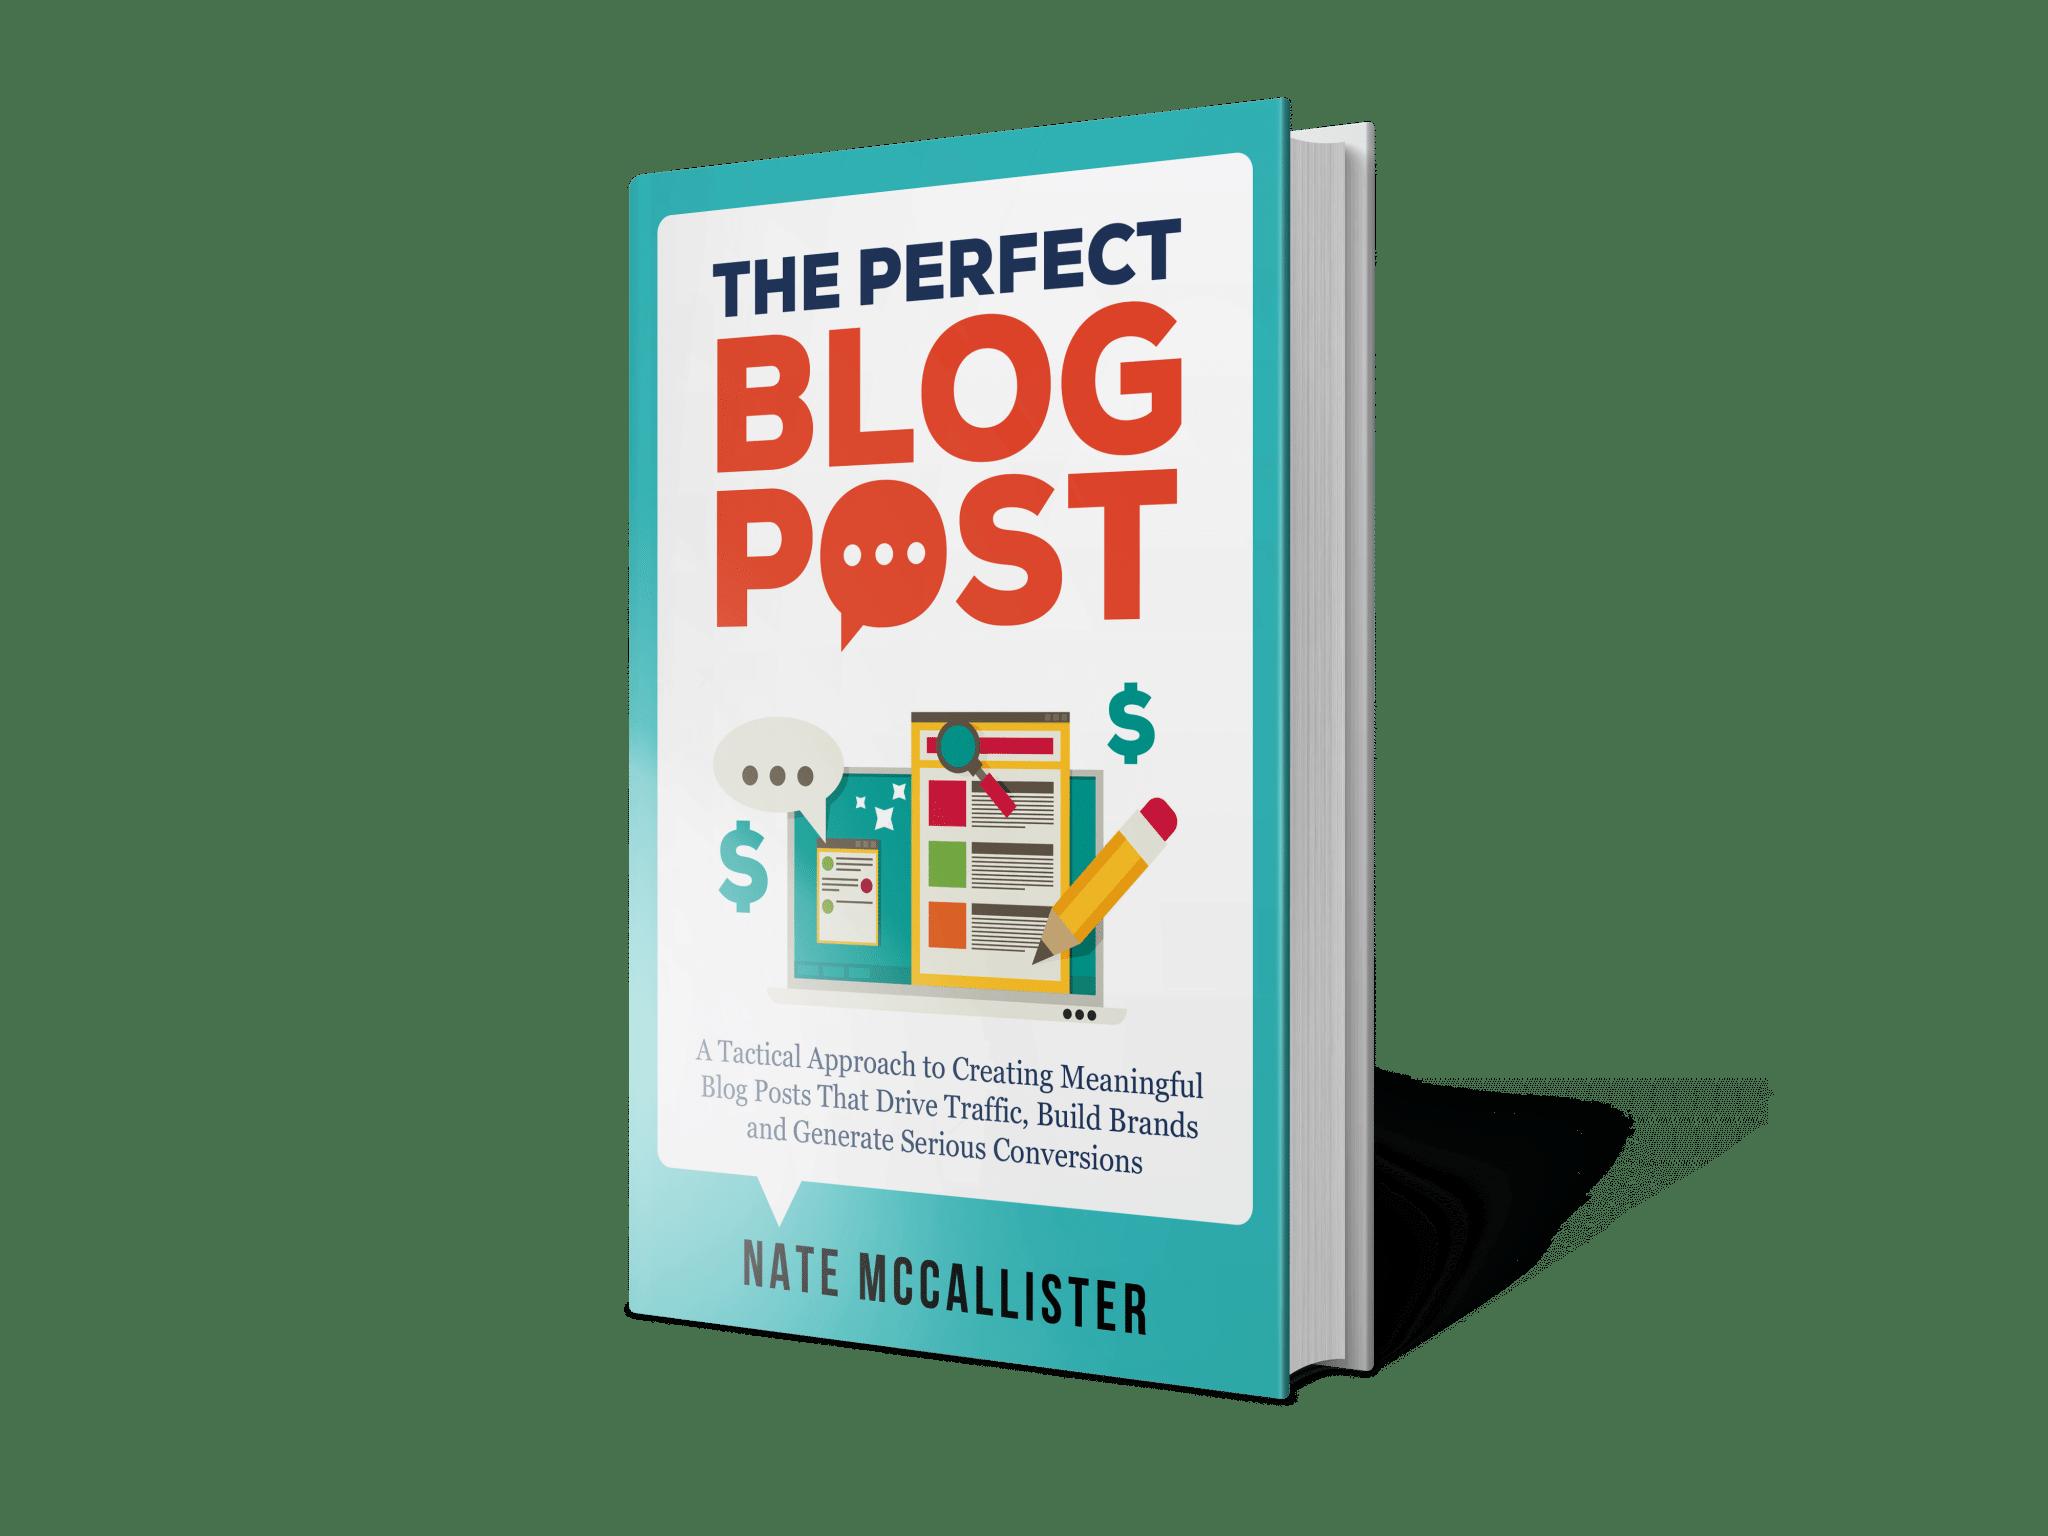 theperfectblogpost.com